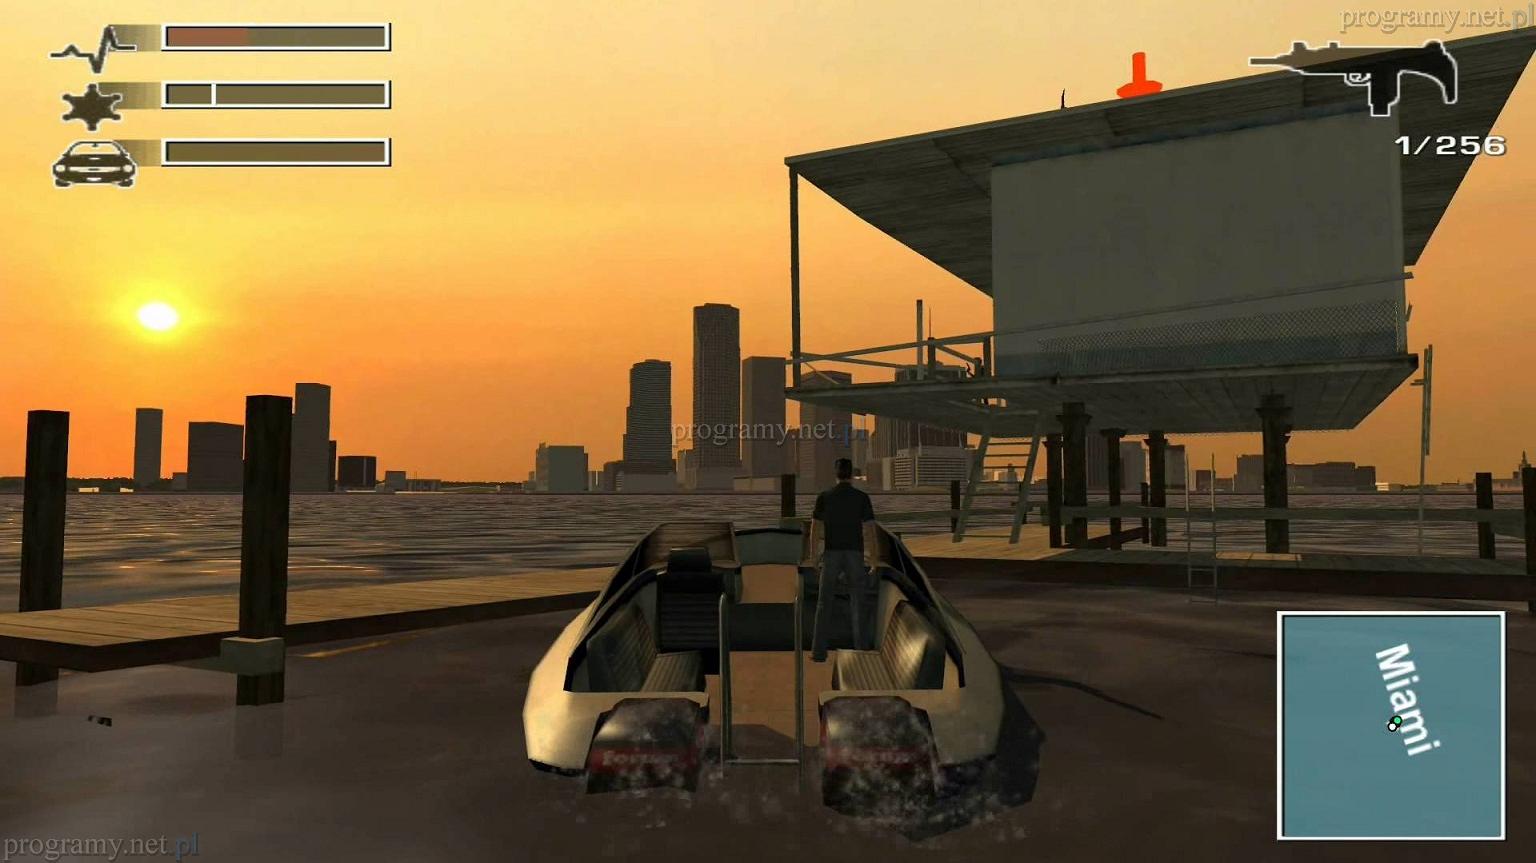 DRIV3R (Driver3) do pobrania, download, pobierz w programy net pl